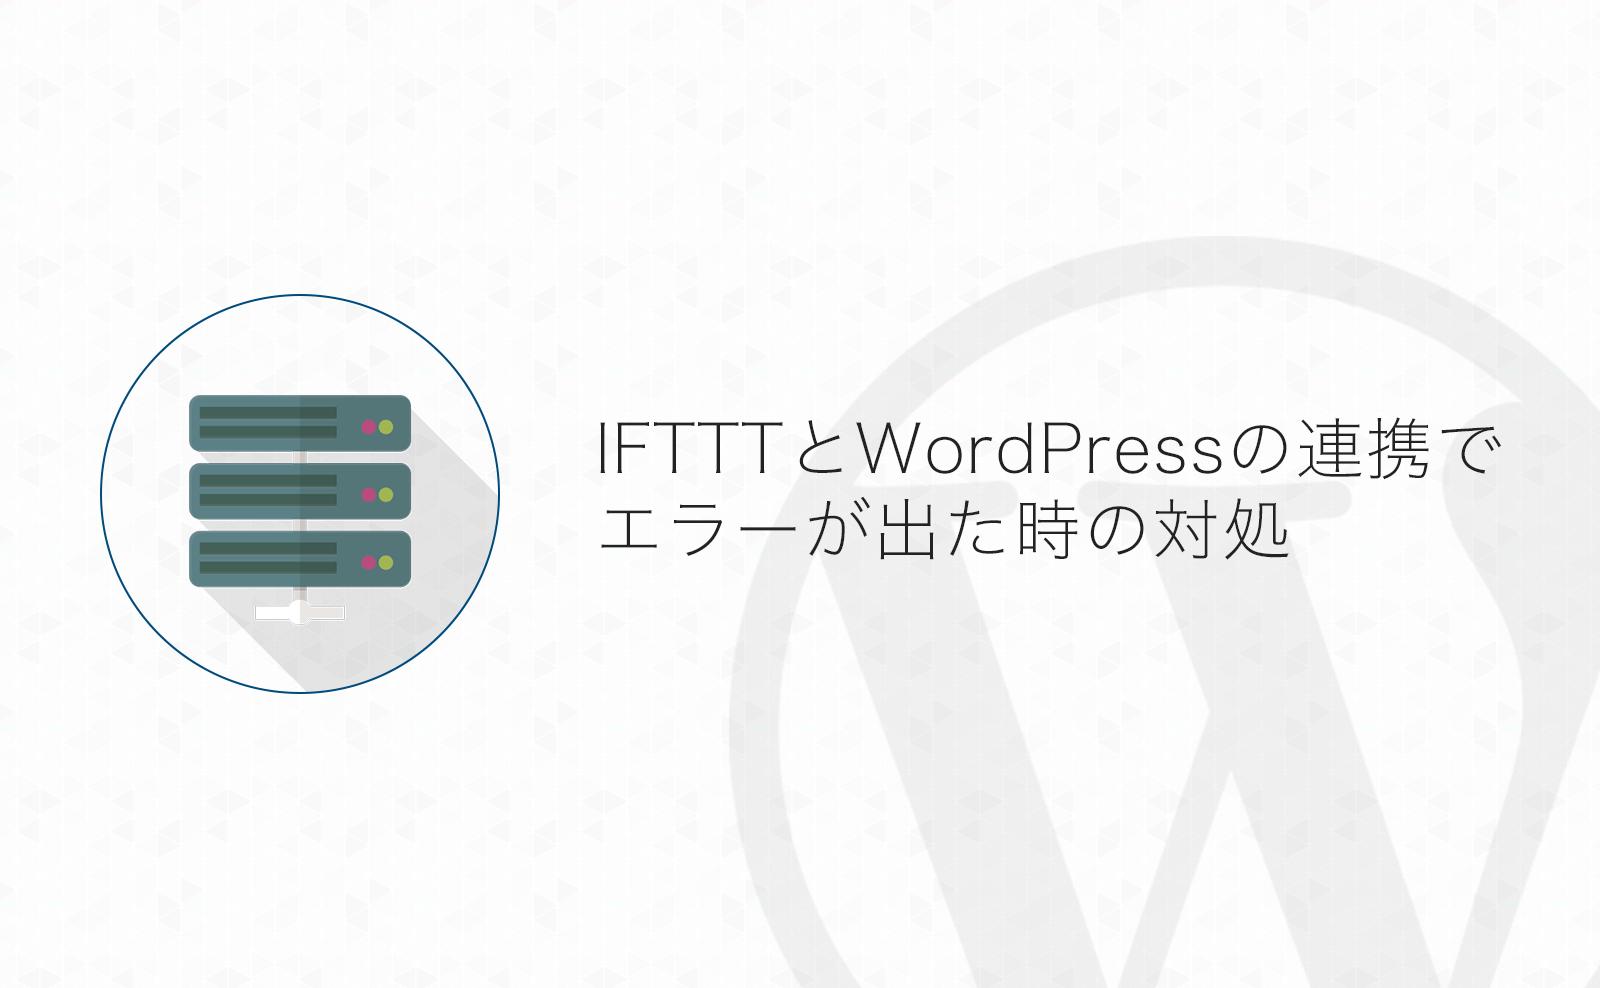 エックスサーバーは要注意!IFTTTとWordPressの連携でエラーが出た時の対策方法